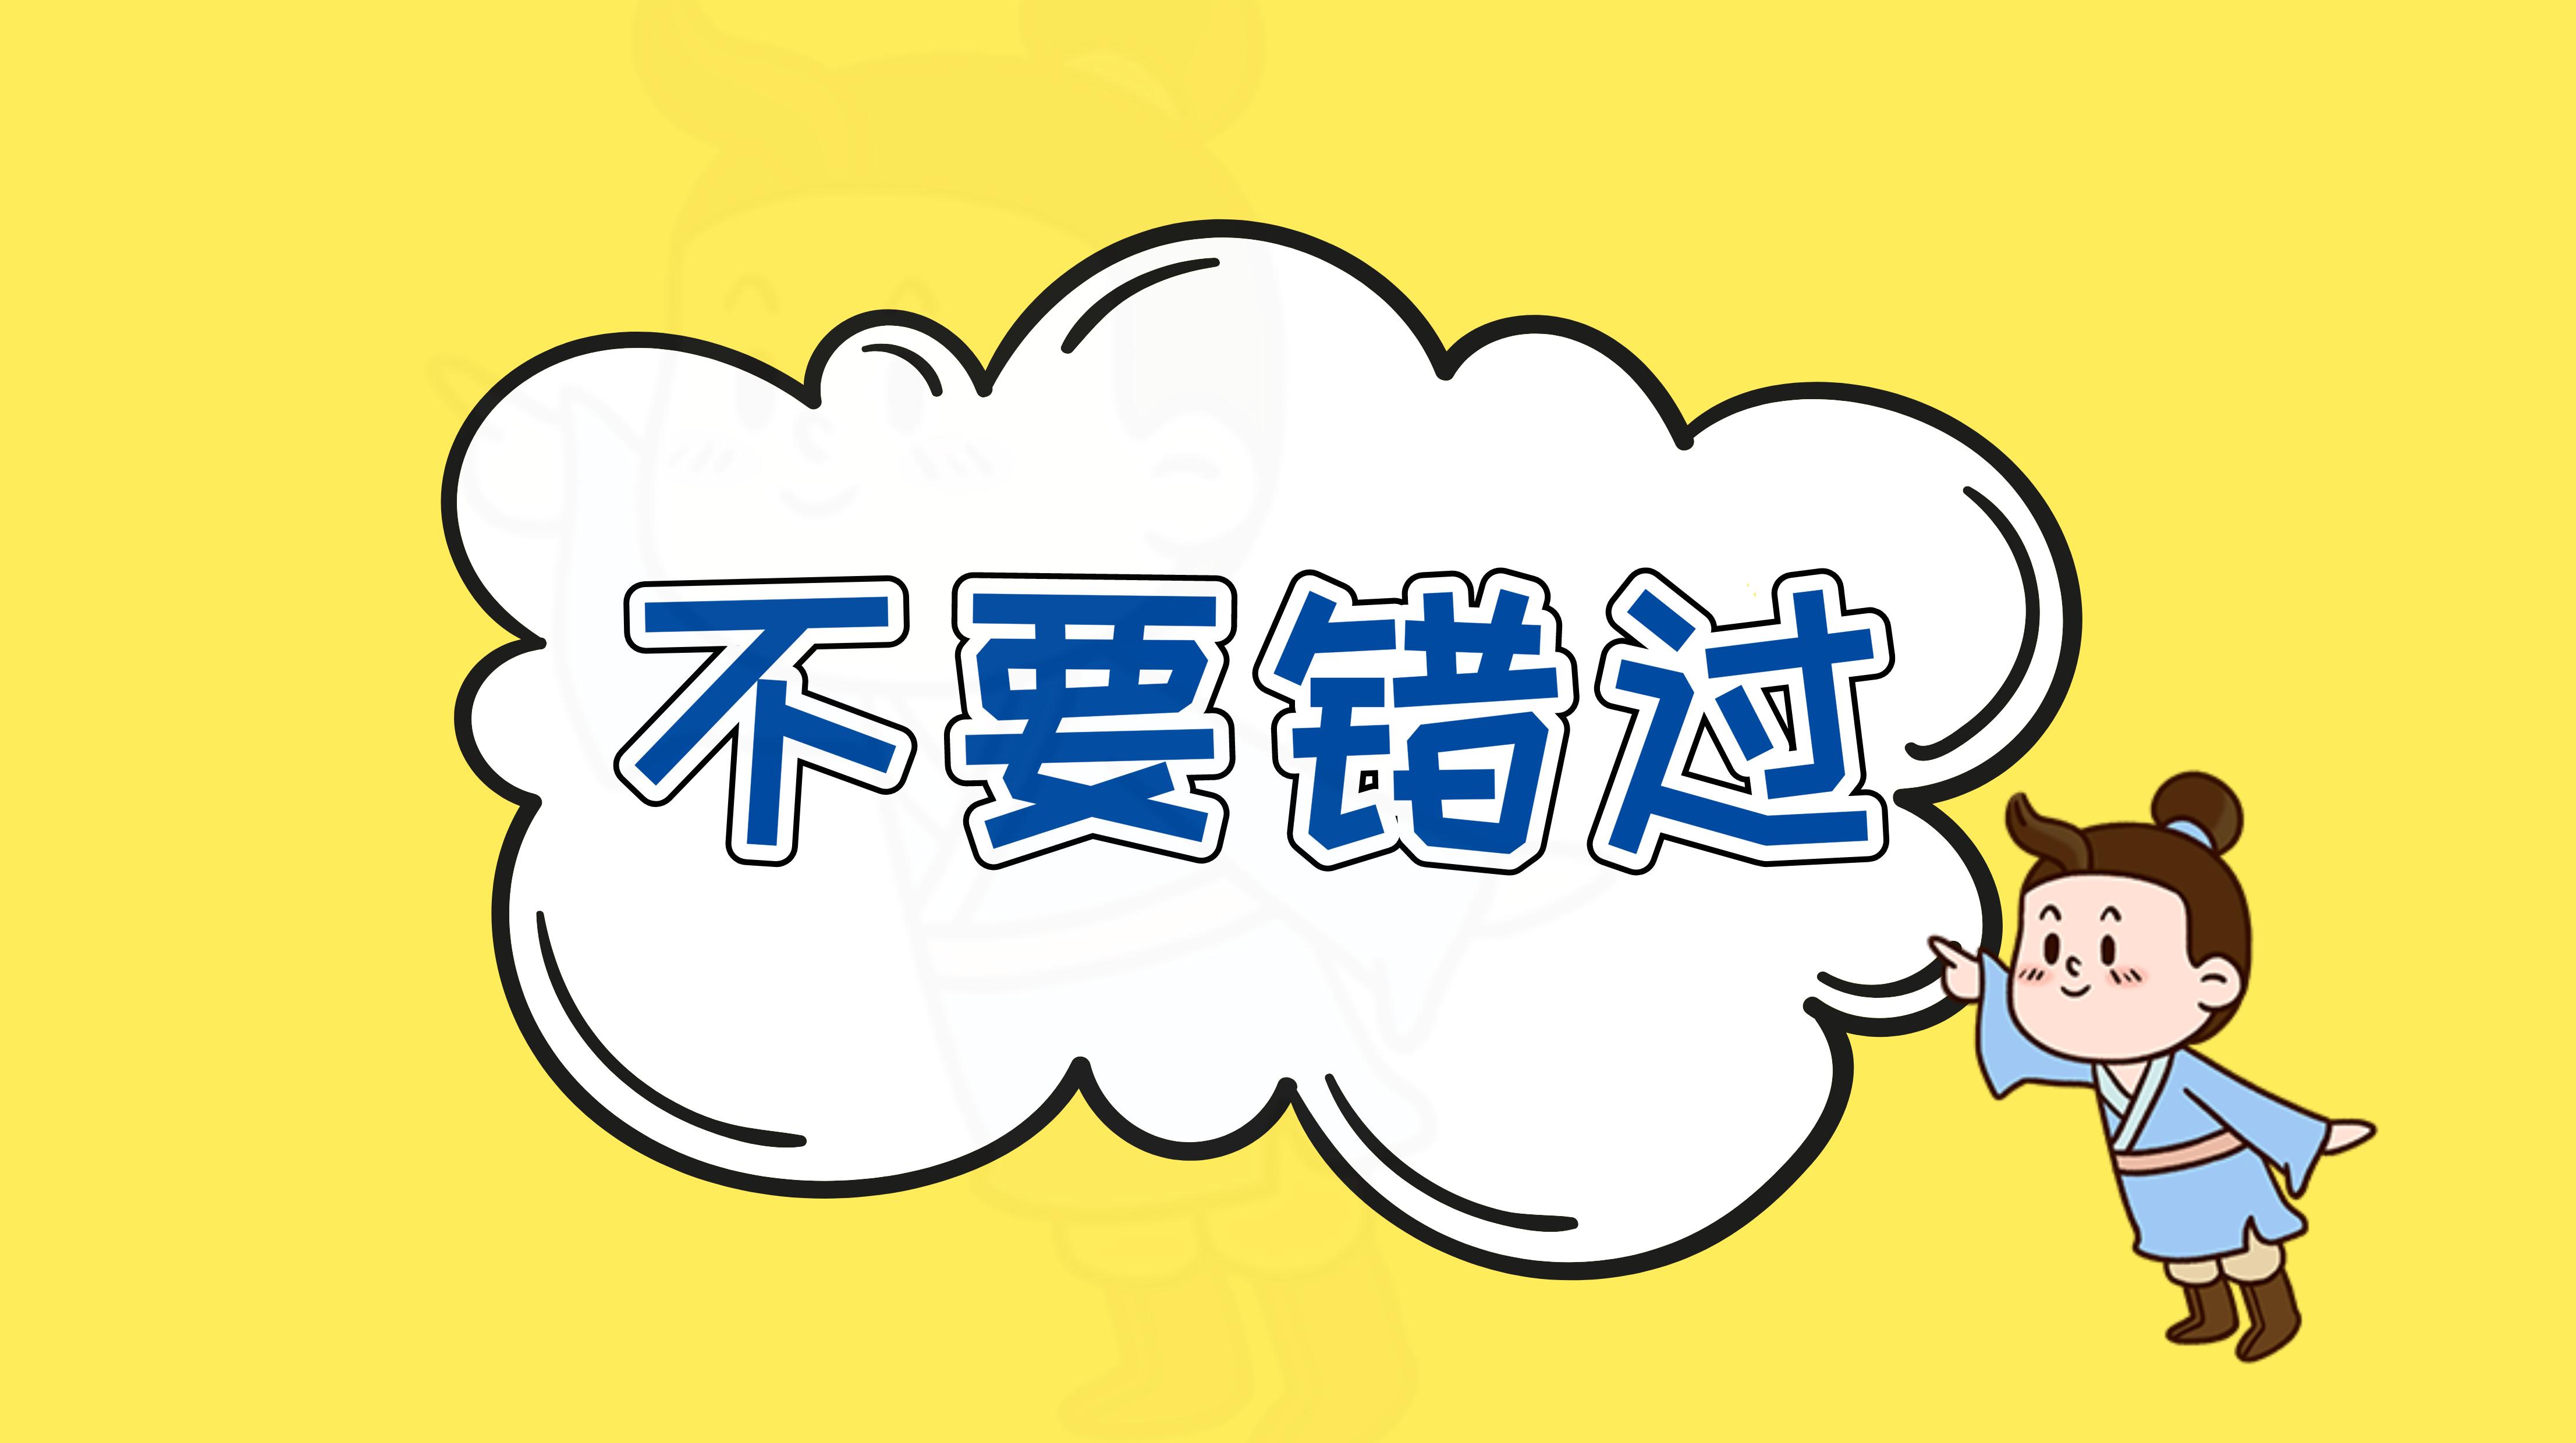 年后这些考试时间扎堆又赶上春节假期,这个备考时间太紧张了吧!